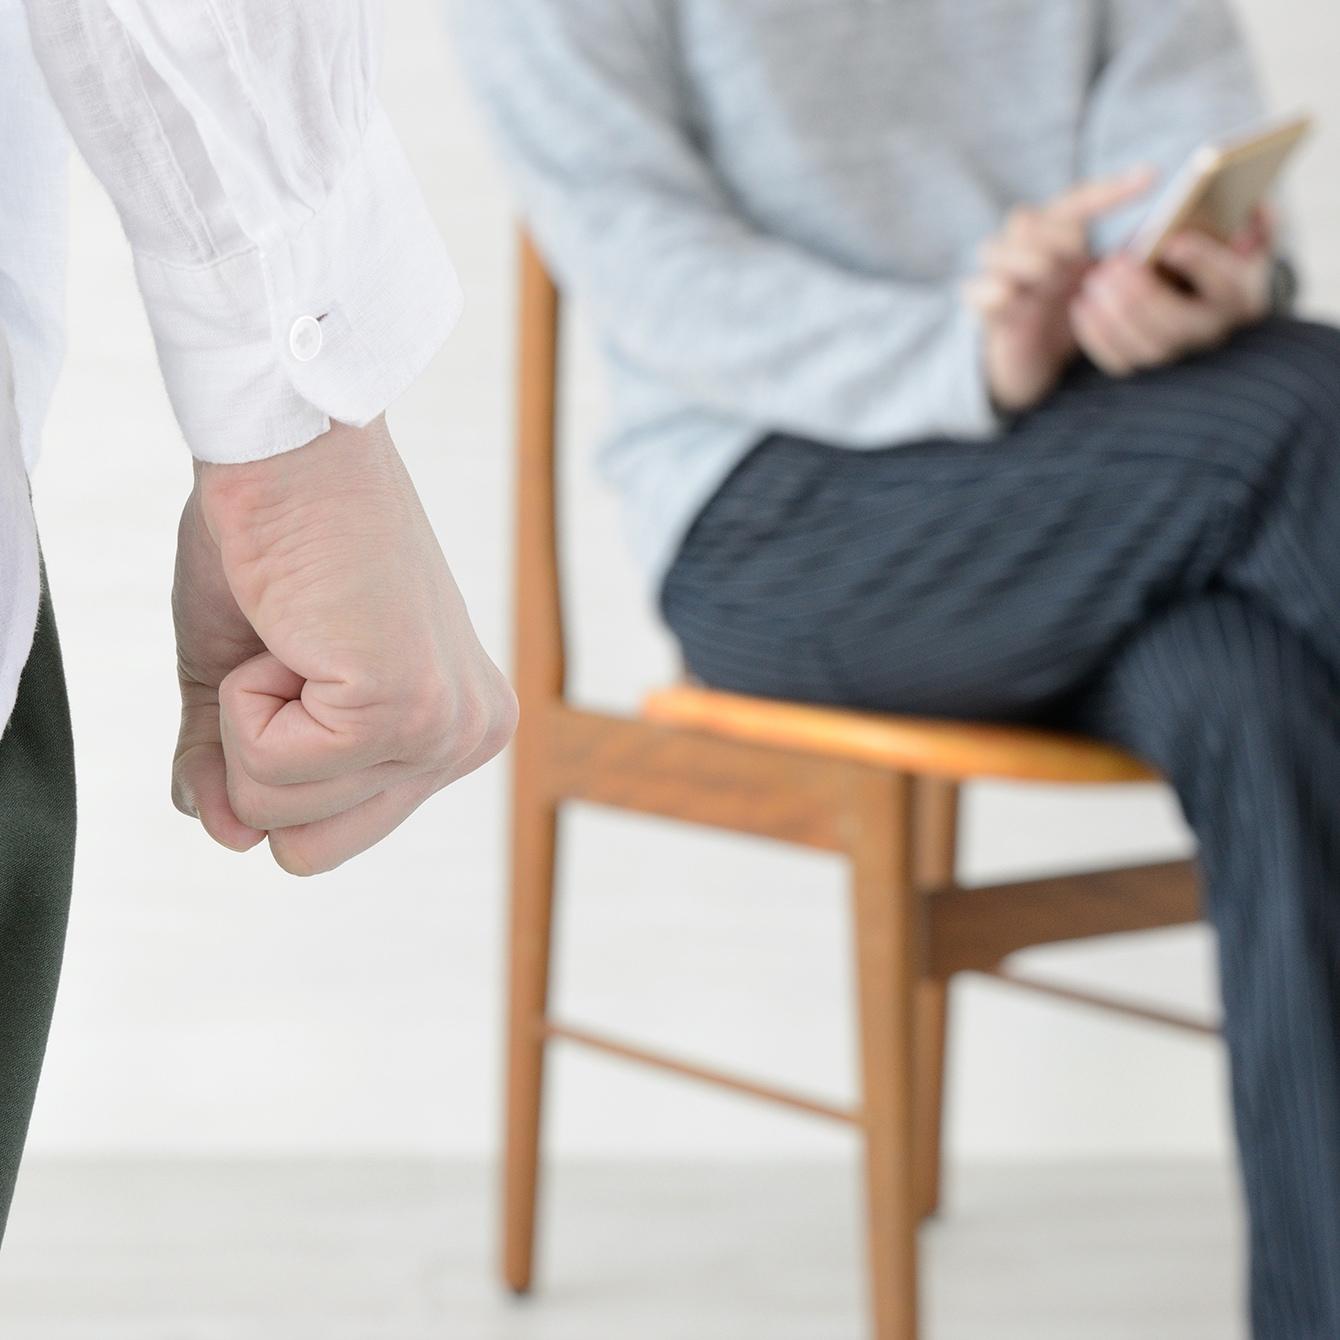 夫に精神的にも経済的にもDVをされた挙げ句、してもいない暴力で訴えられた話